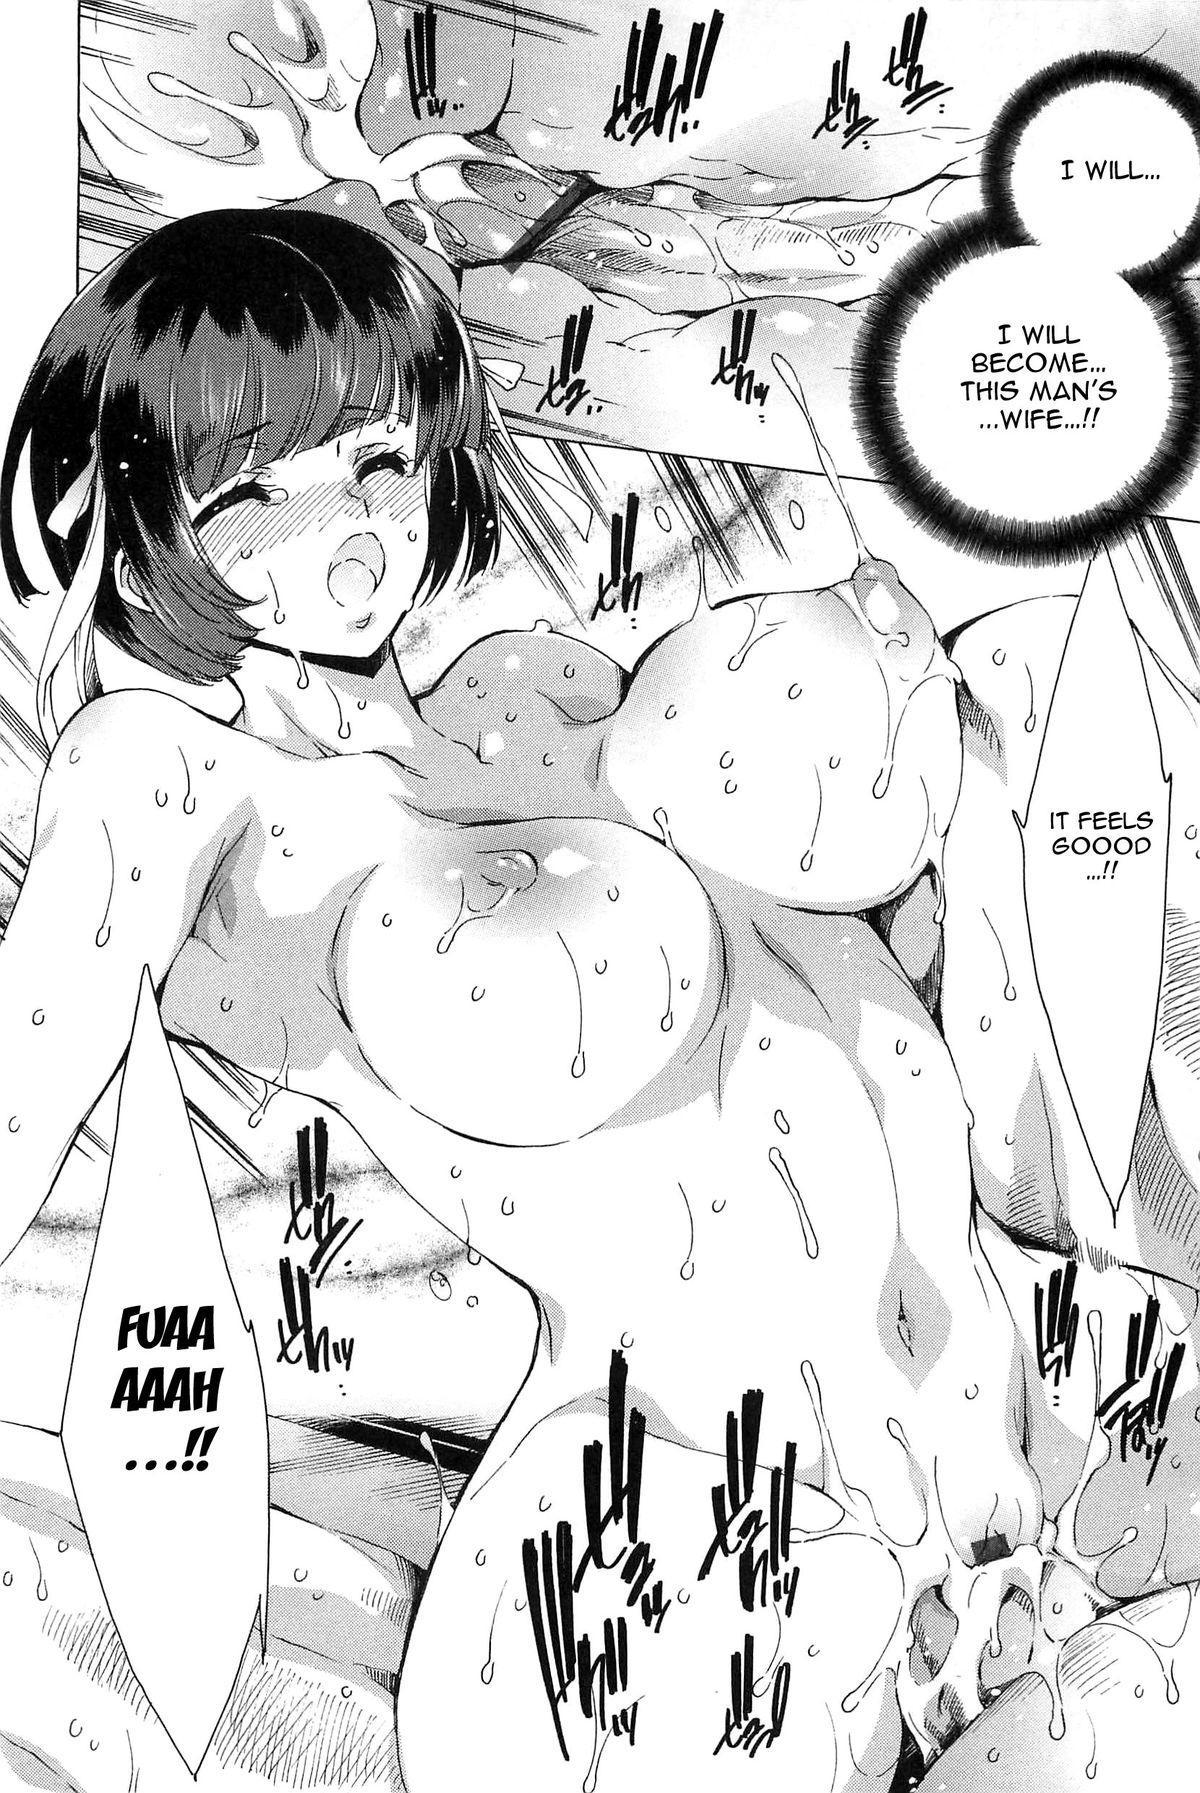 [Yuiga Naoha] Nikuyoku Rensa - NTR Kanojo   Chains of Lust - NTR Girlfriend [English] {doujin-moe.us} 139